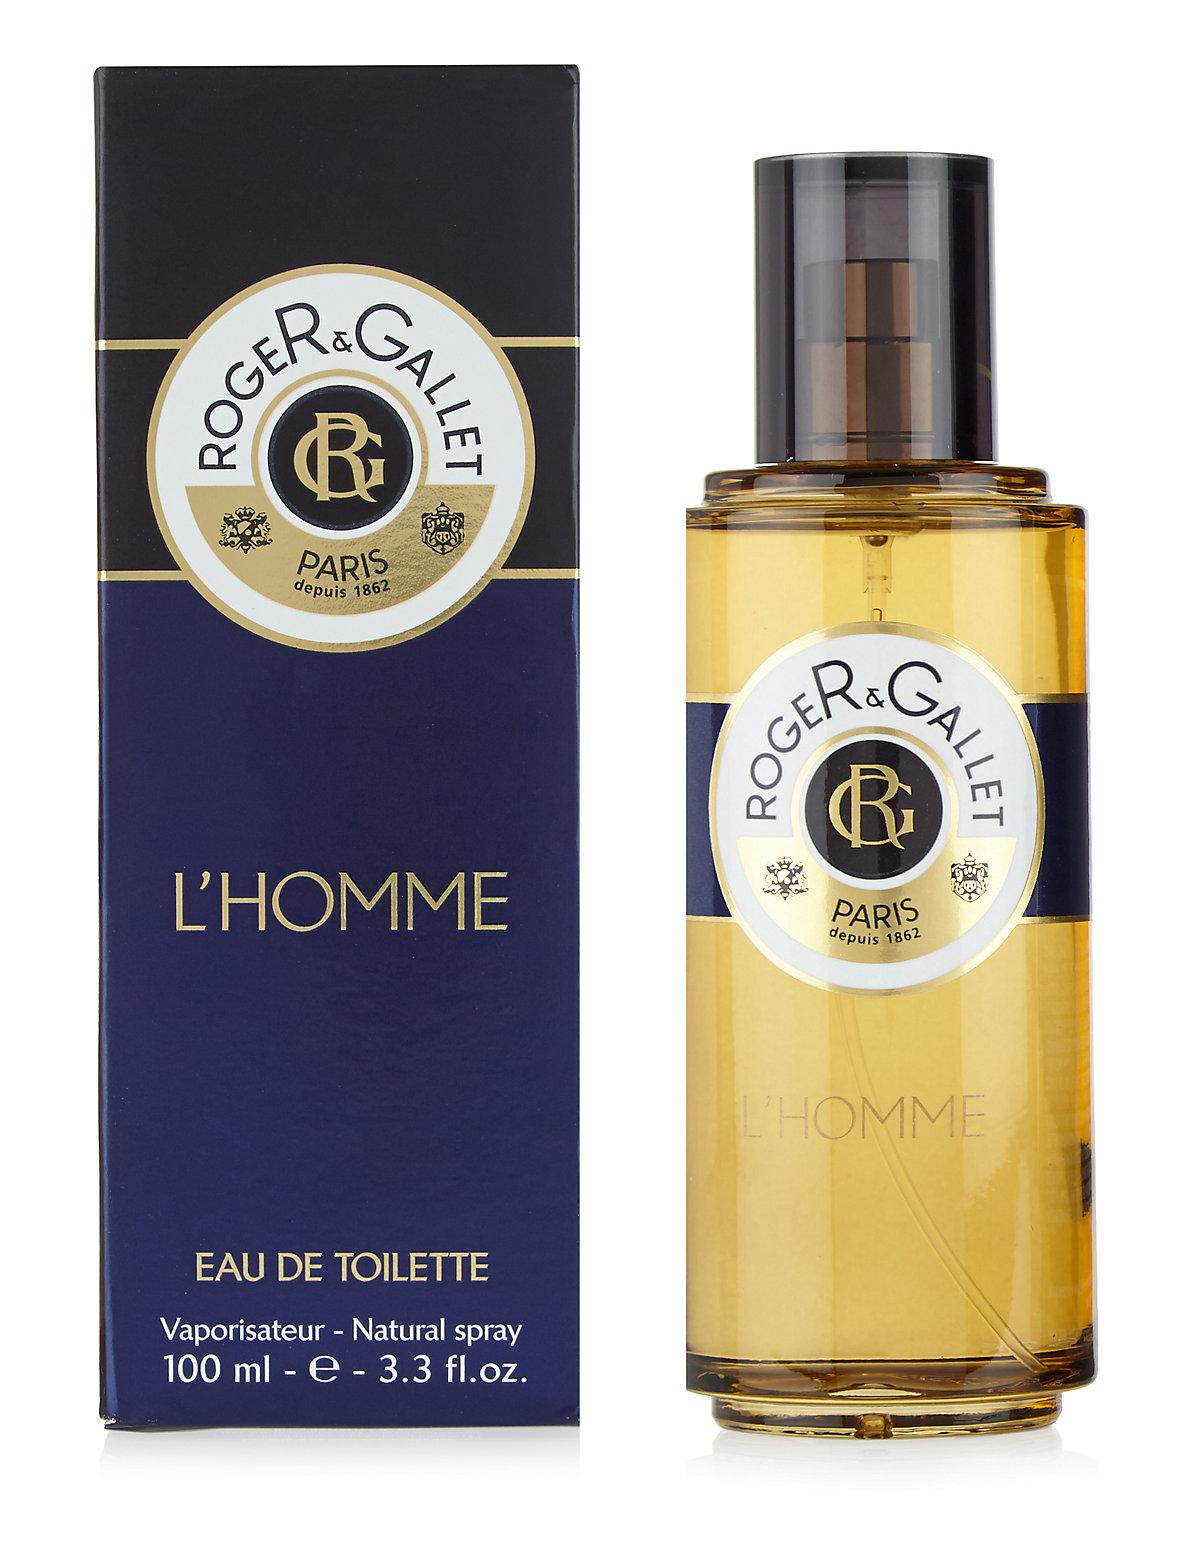 Roger&Gallet LHomme Eau de Toilette Natural Spray 100ml